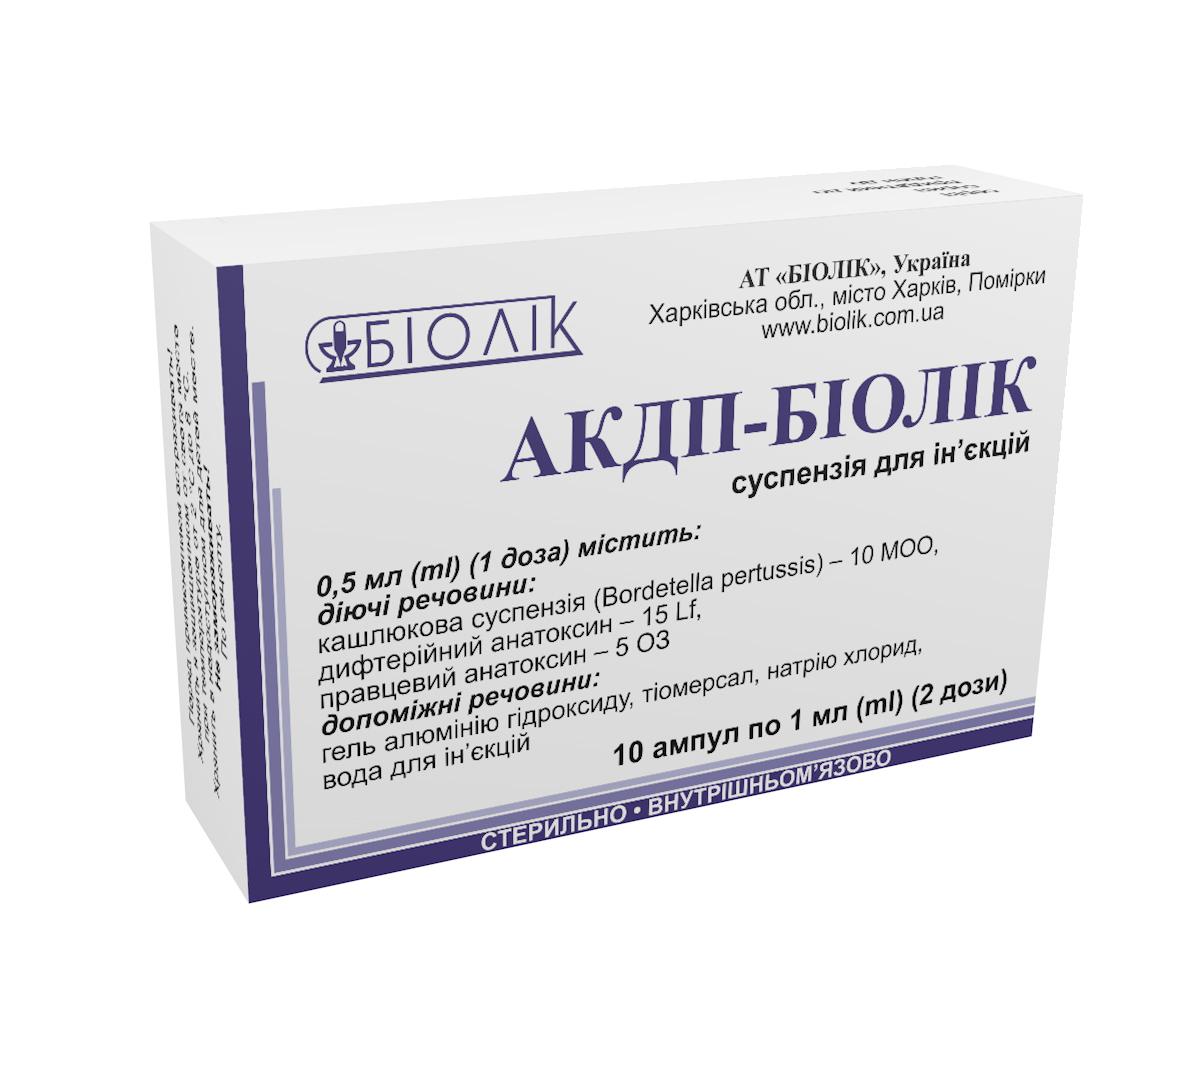 АКДП-Біолік